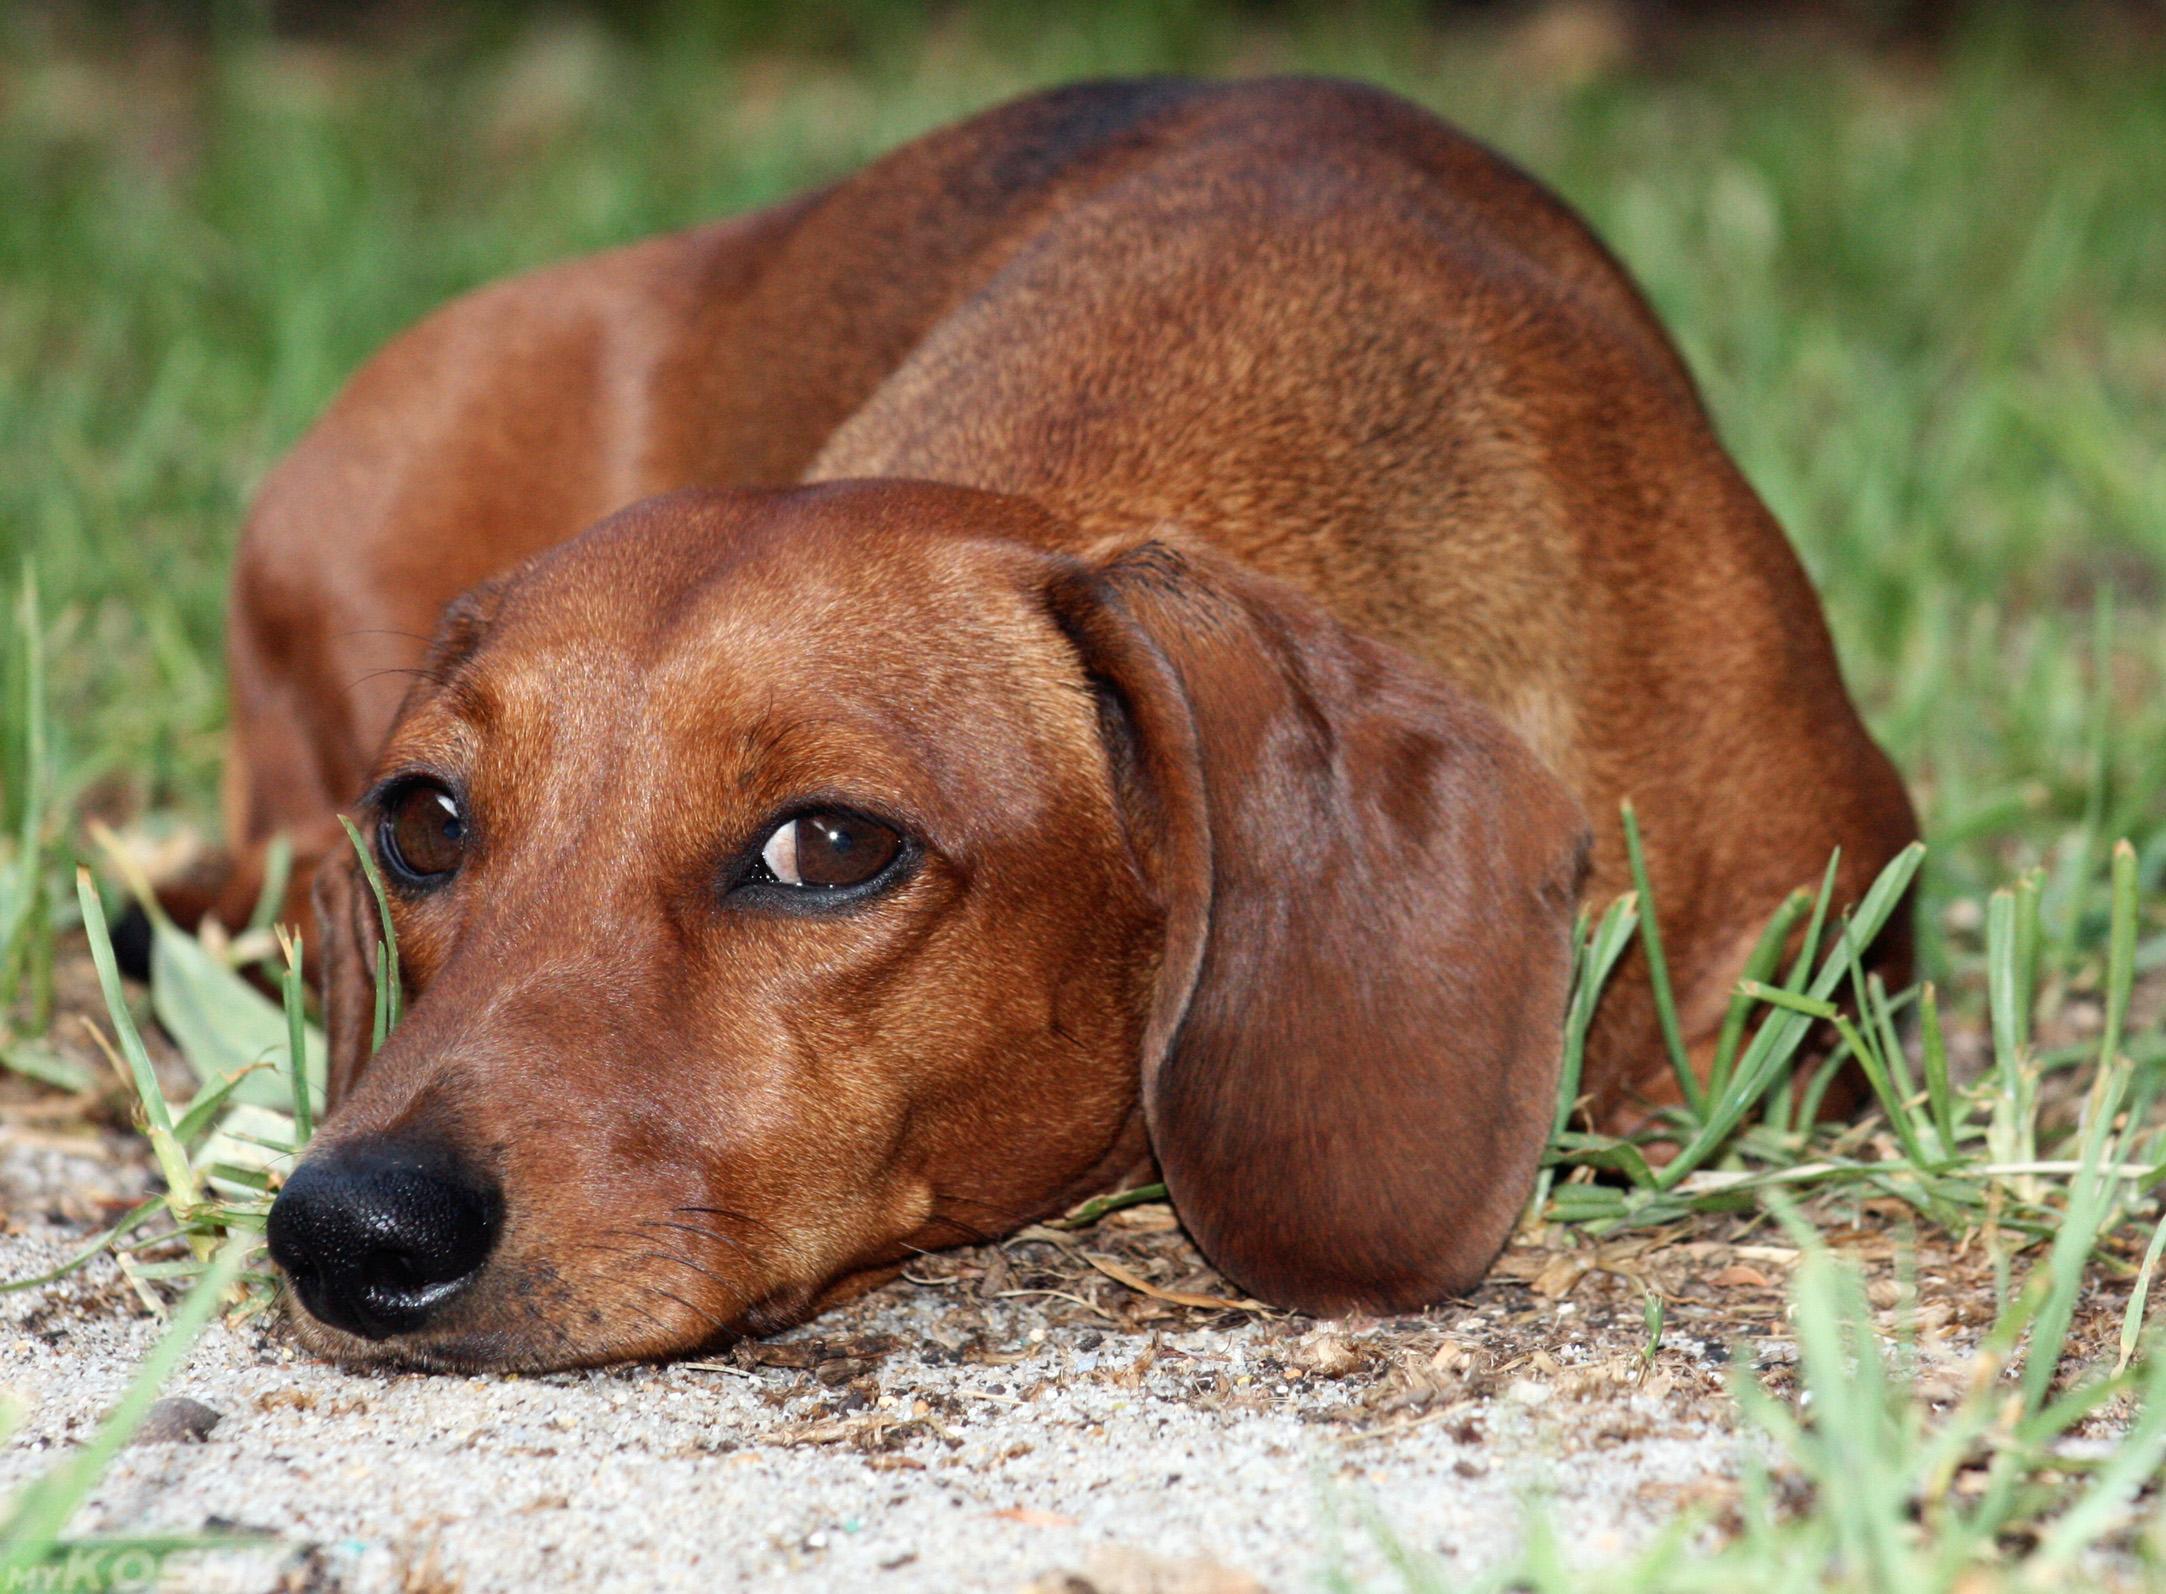 Заболевшая собака коричневого окраса